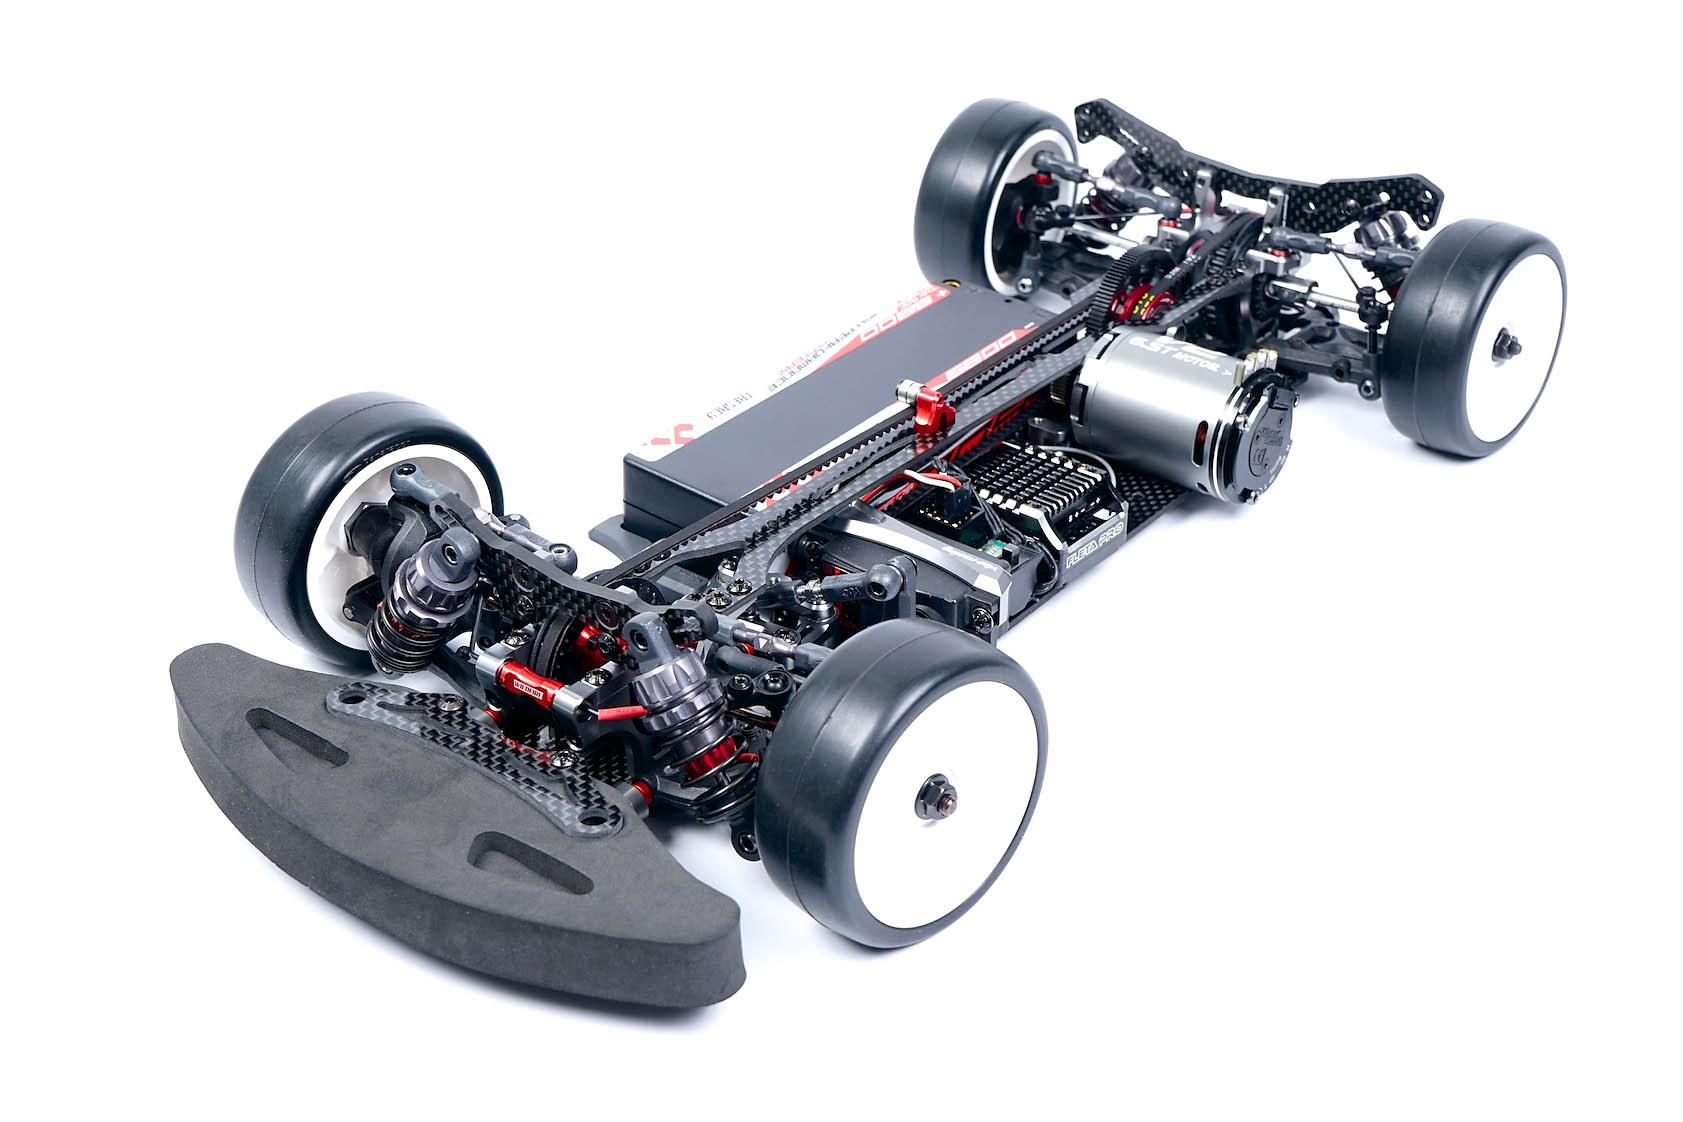 Vbc Racing Wildfired08 1 10 Touring Car Kit D 05 Vbc Ck20